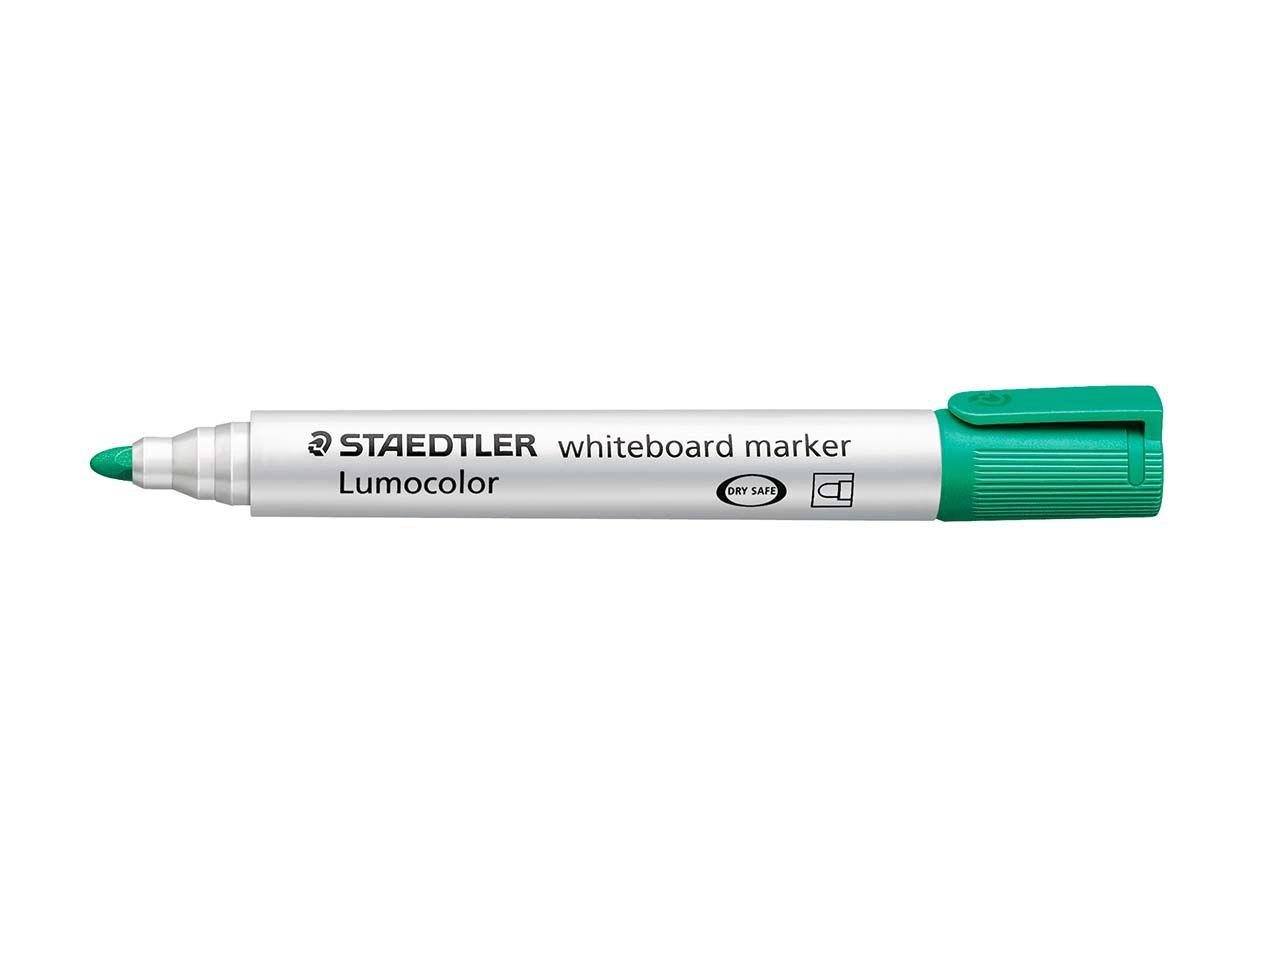 1 Staedtler Whiteboard Marker 351 grün 351-grün